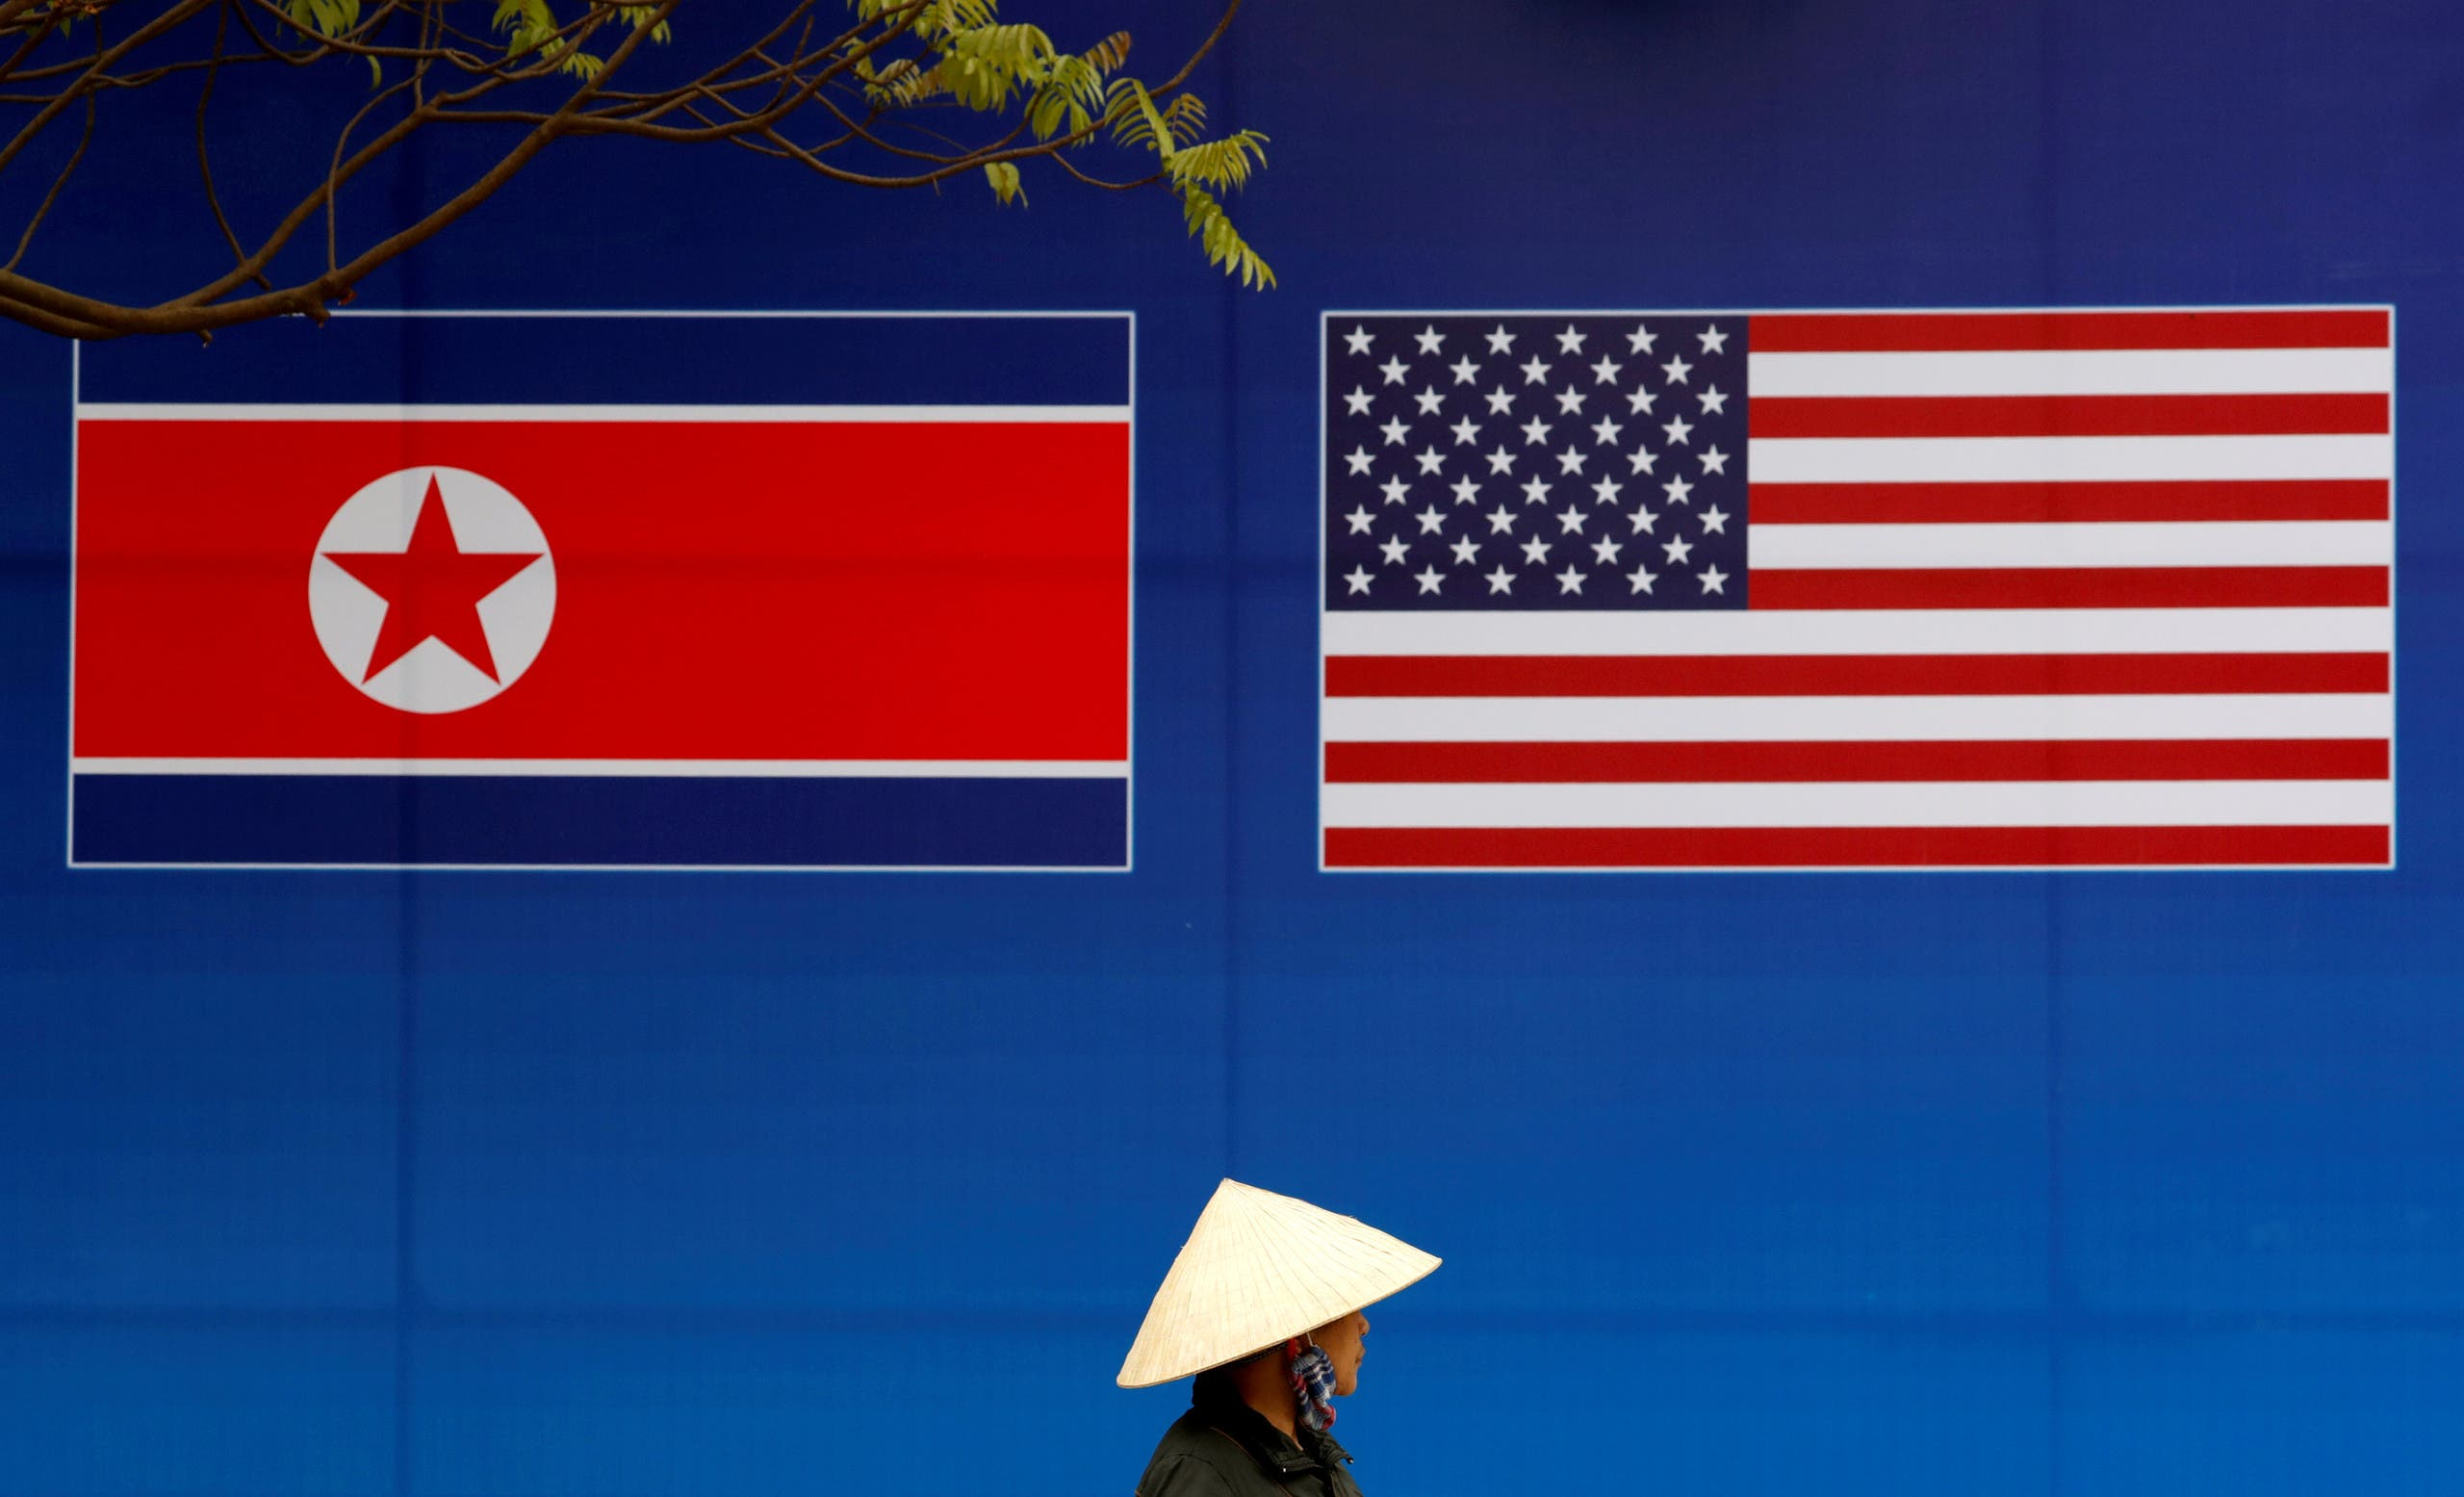 أعلام الولايات المتحدة الأميركية وكوريا الشمالية